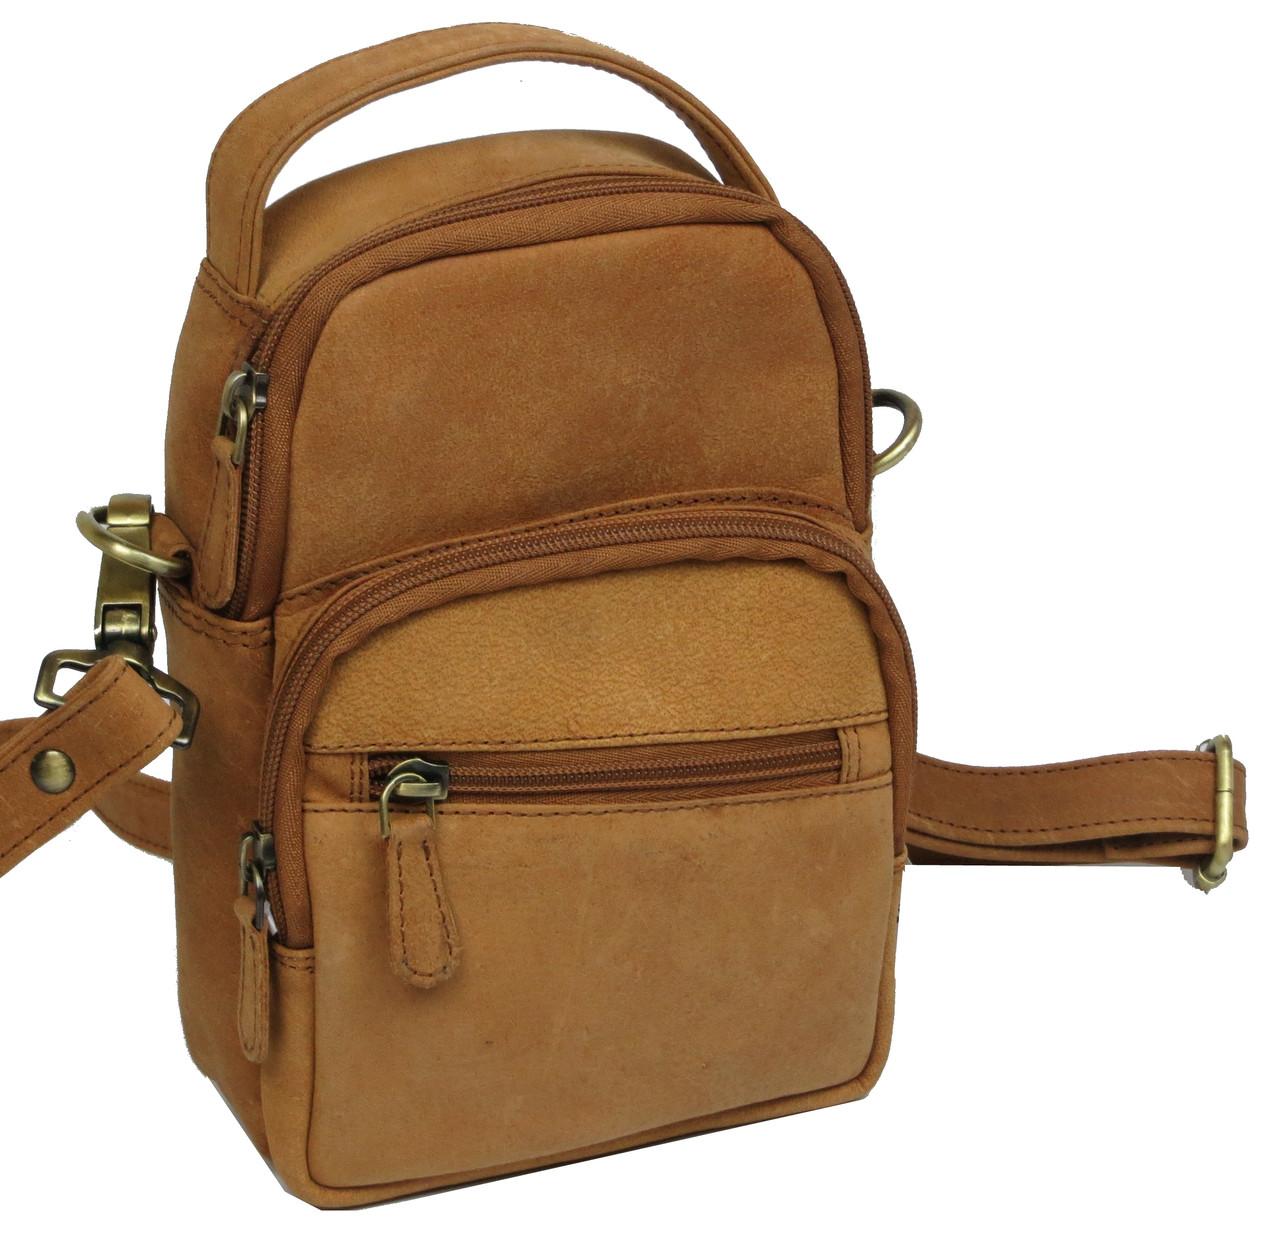 Небольшая кожаная сумка Always Wild LB06СH рыжий